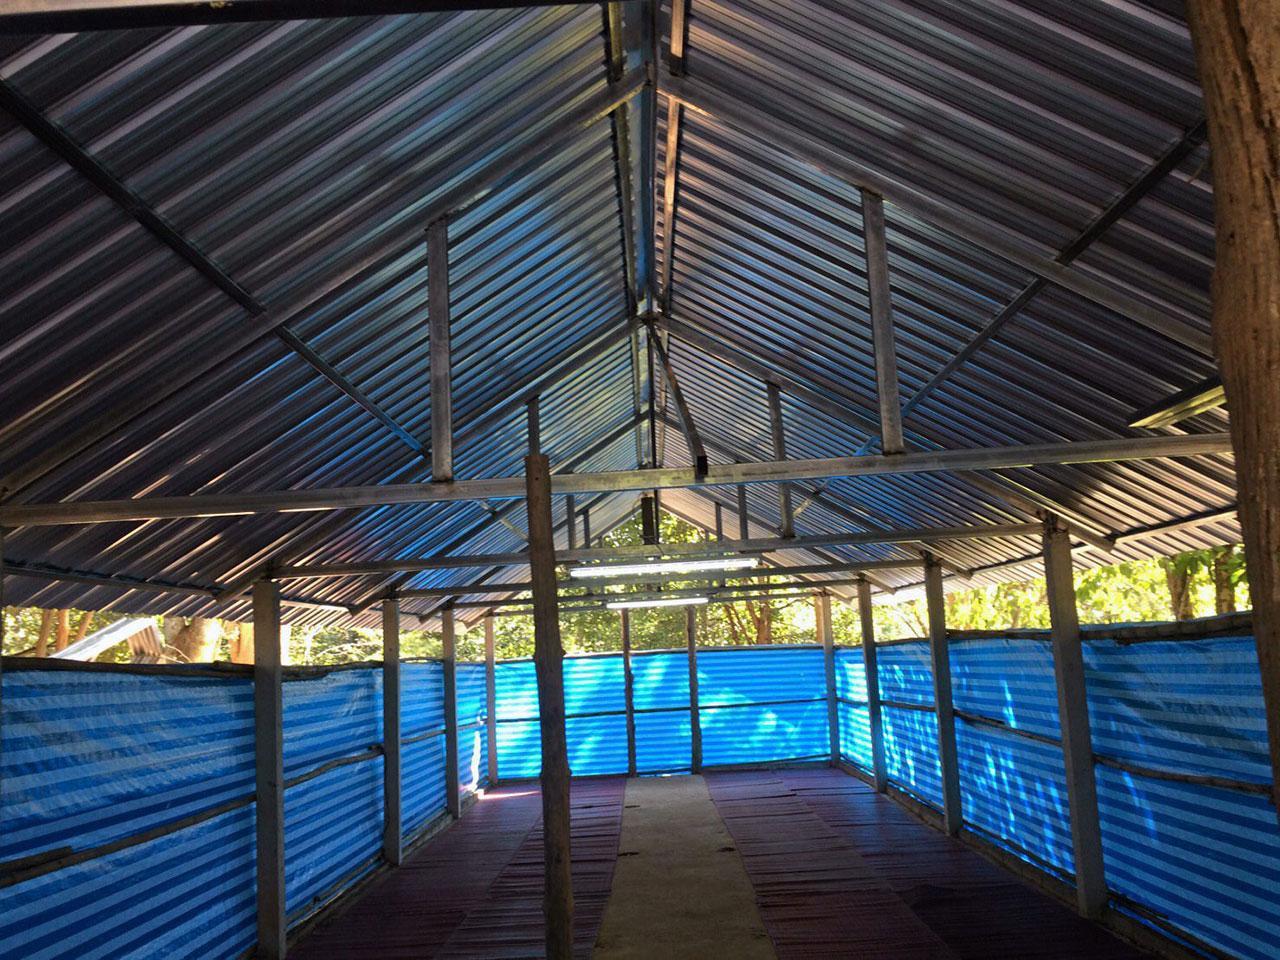 โรงนอนหลังเก่าอายุประมาณ 30 ปี ที่ได้รับการปรับปรุงหลังคาที่ชำรุดใหม่ เพื่อใช้เป็นที่พักของเยาวชนที่มาเข้าค่ายอบรมด้านต่างๆ.